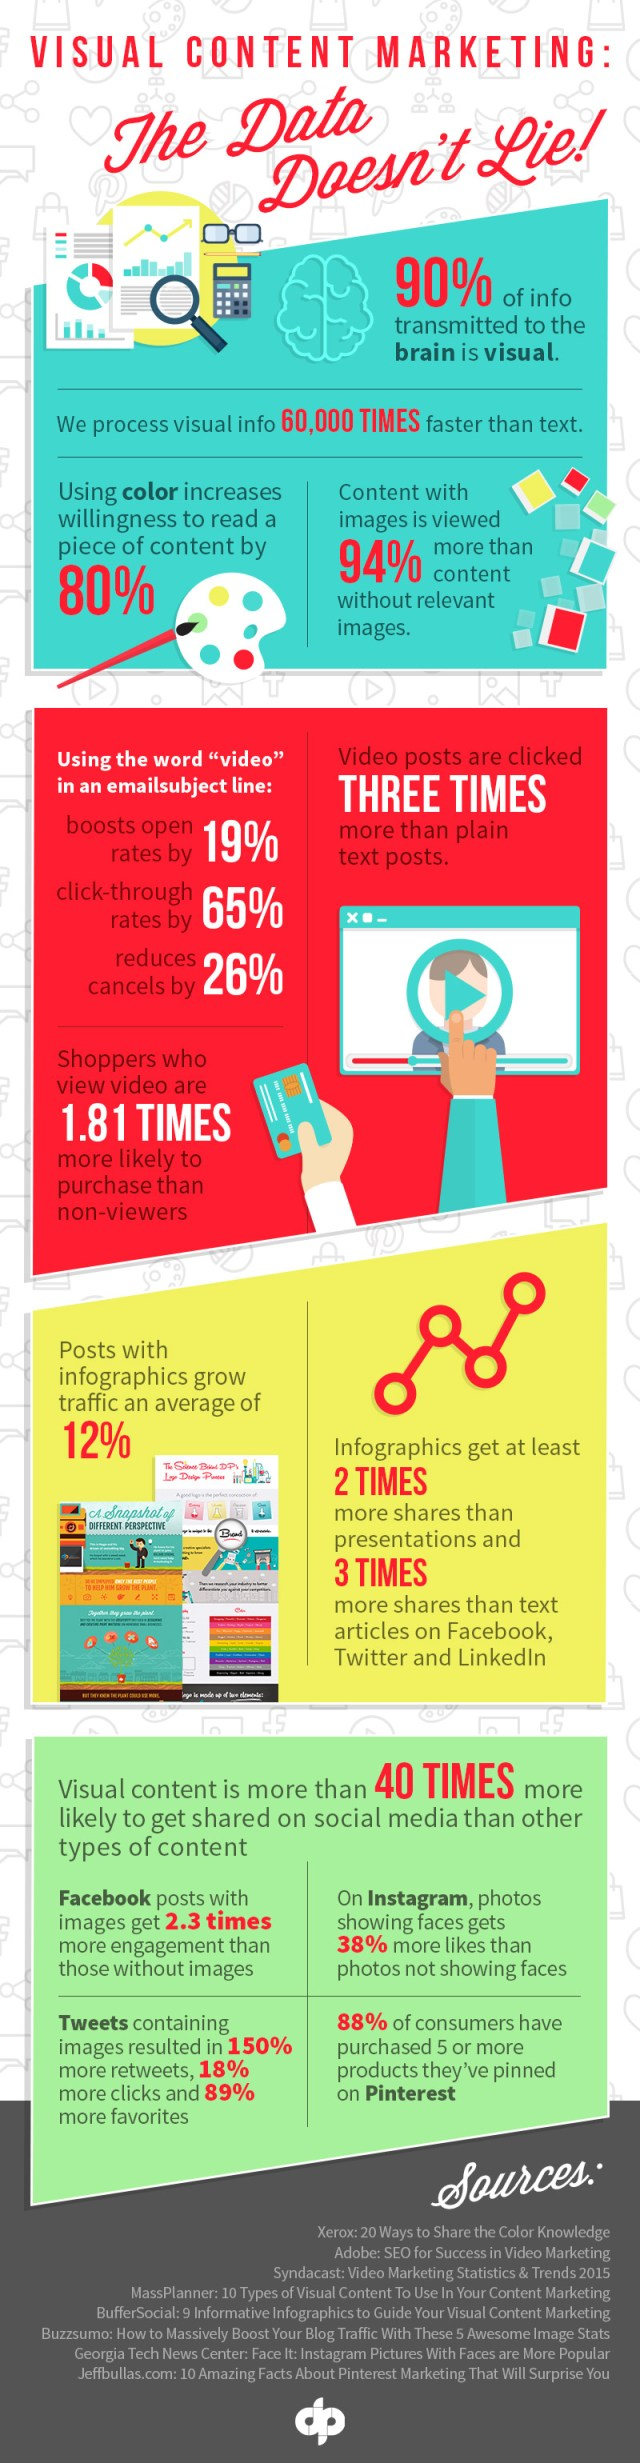 visual-content-marketing-the-data-doesnt-lie_572ba6af6194c